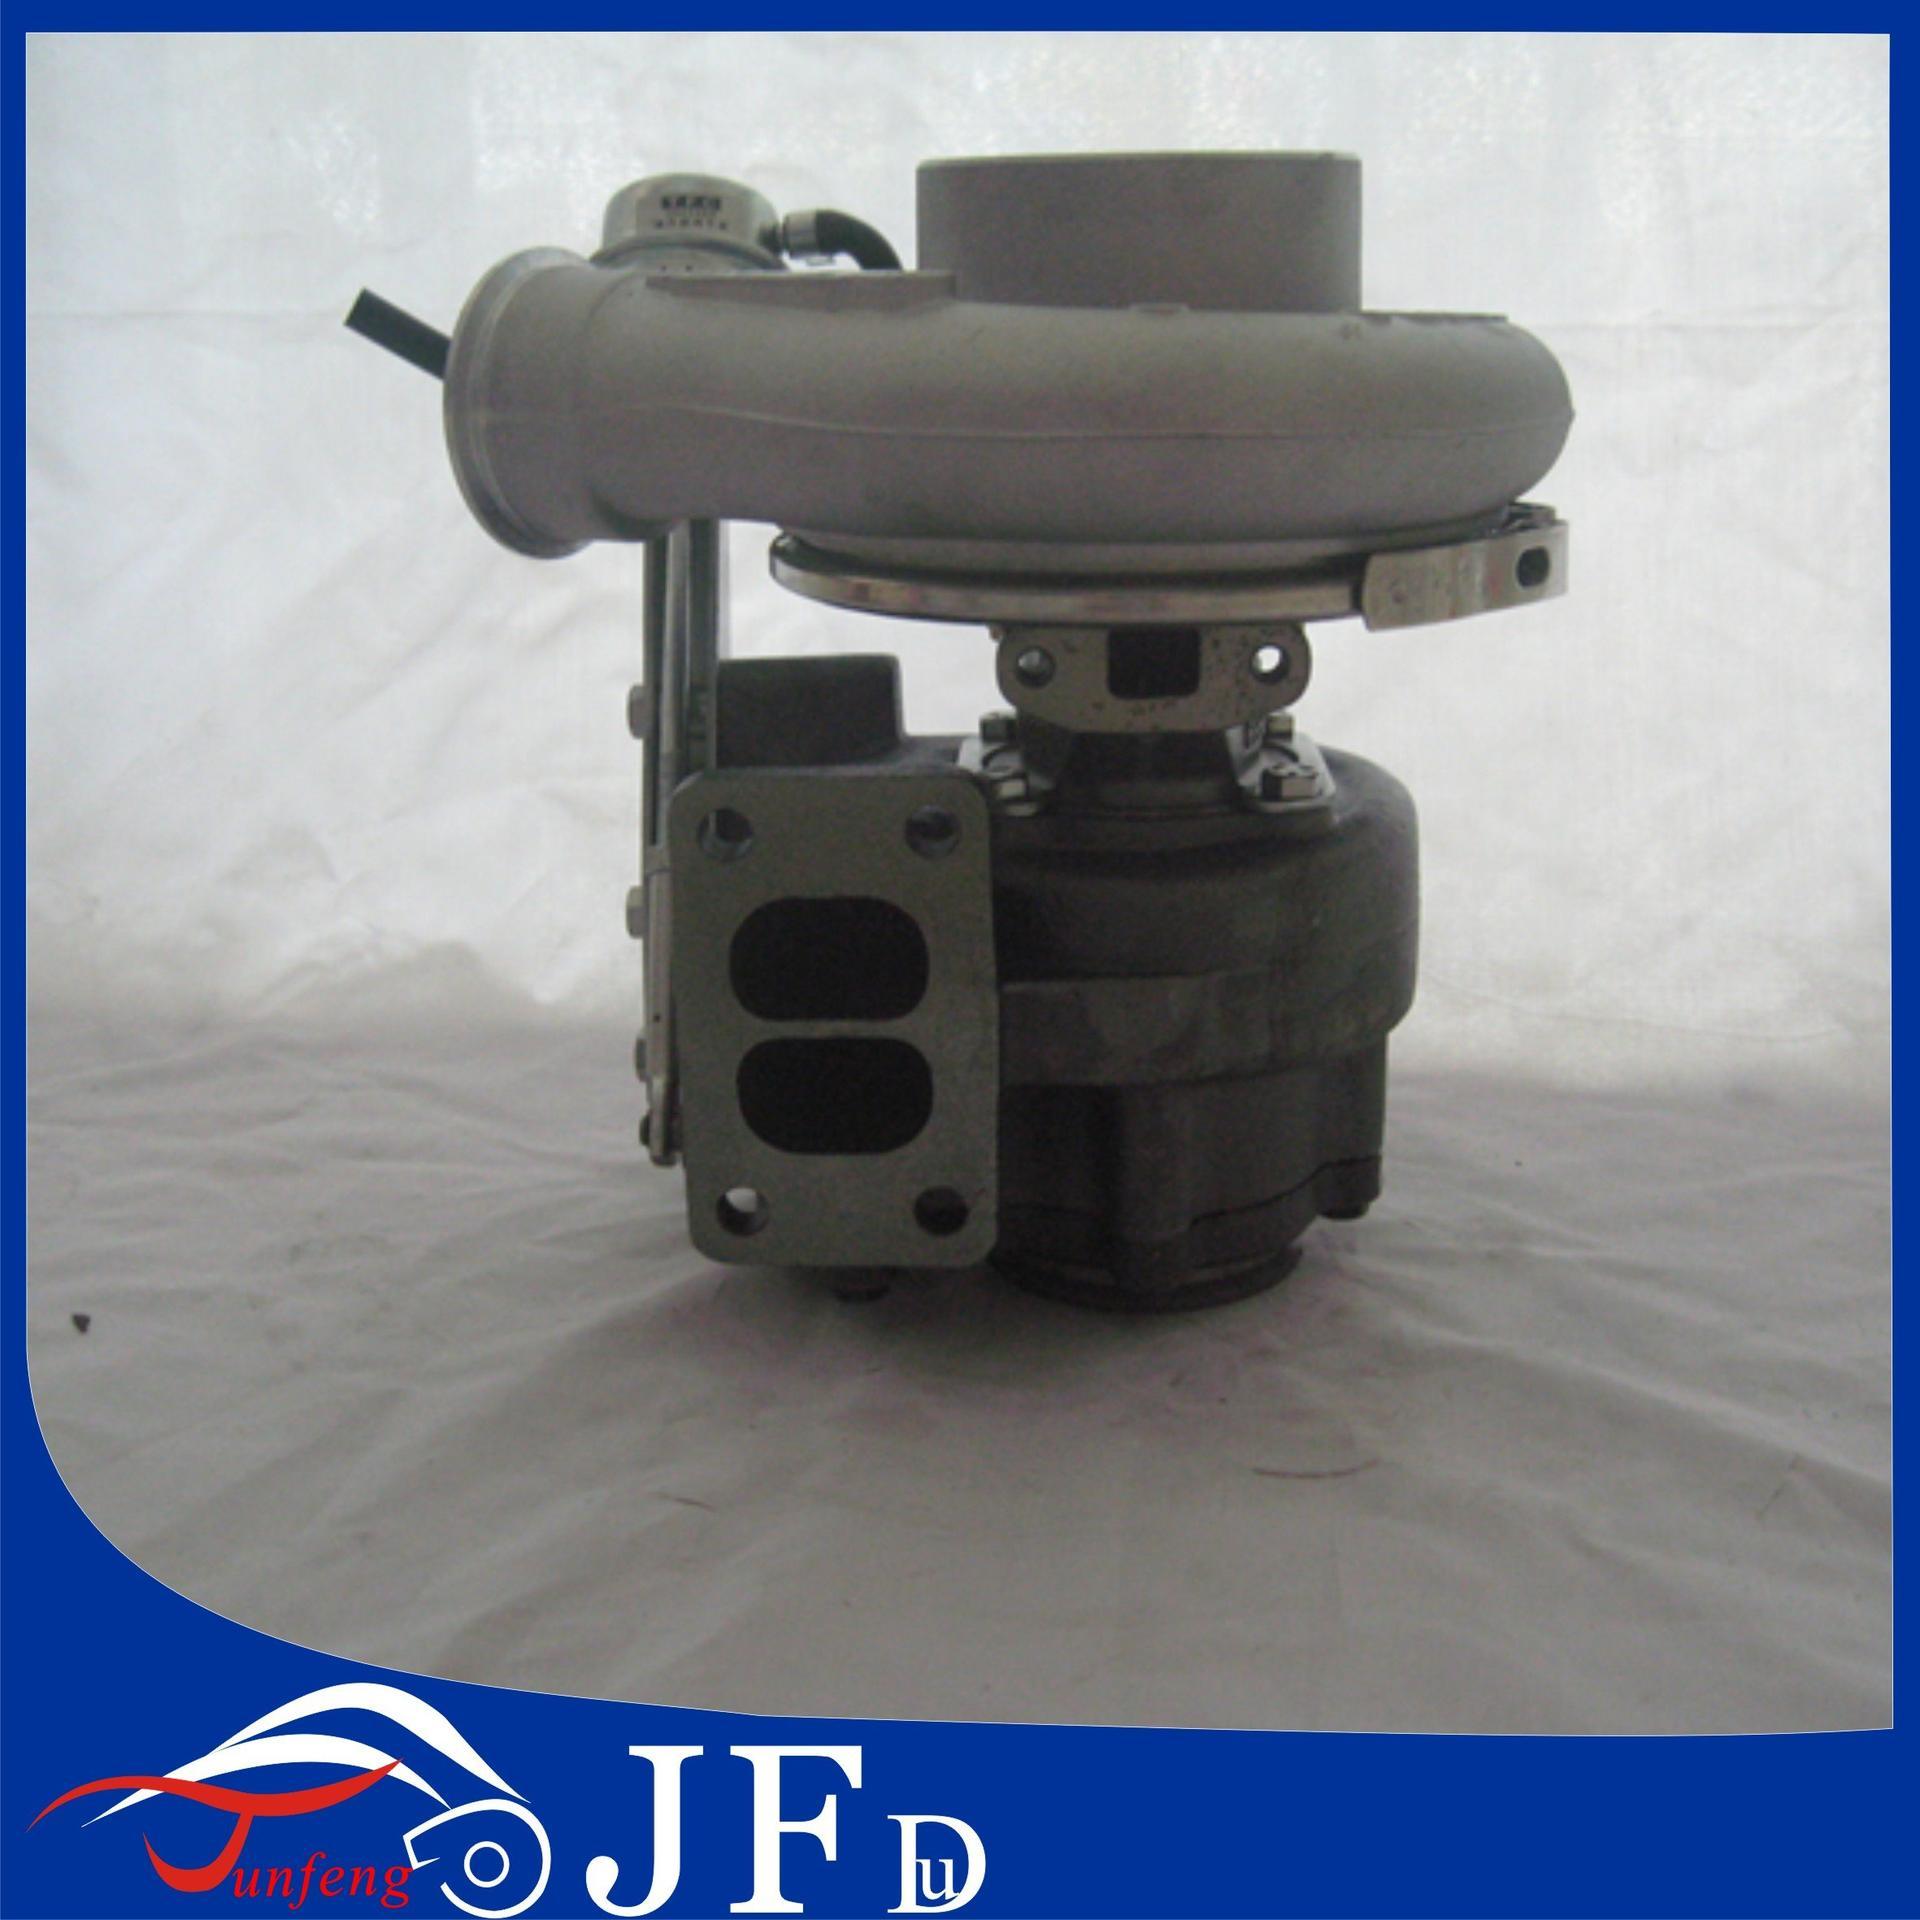 Kamaz SO14077 Truck HX35W turbo 3594634 3594635 4955743